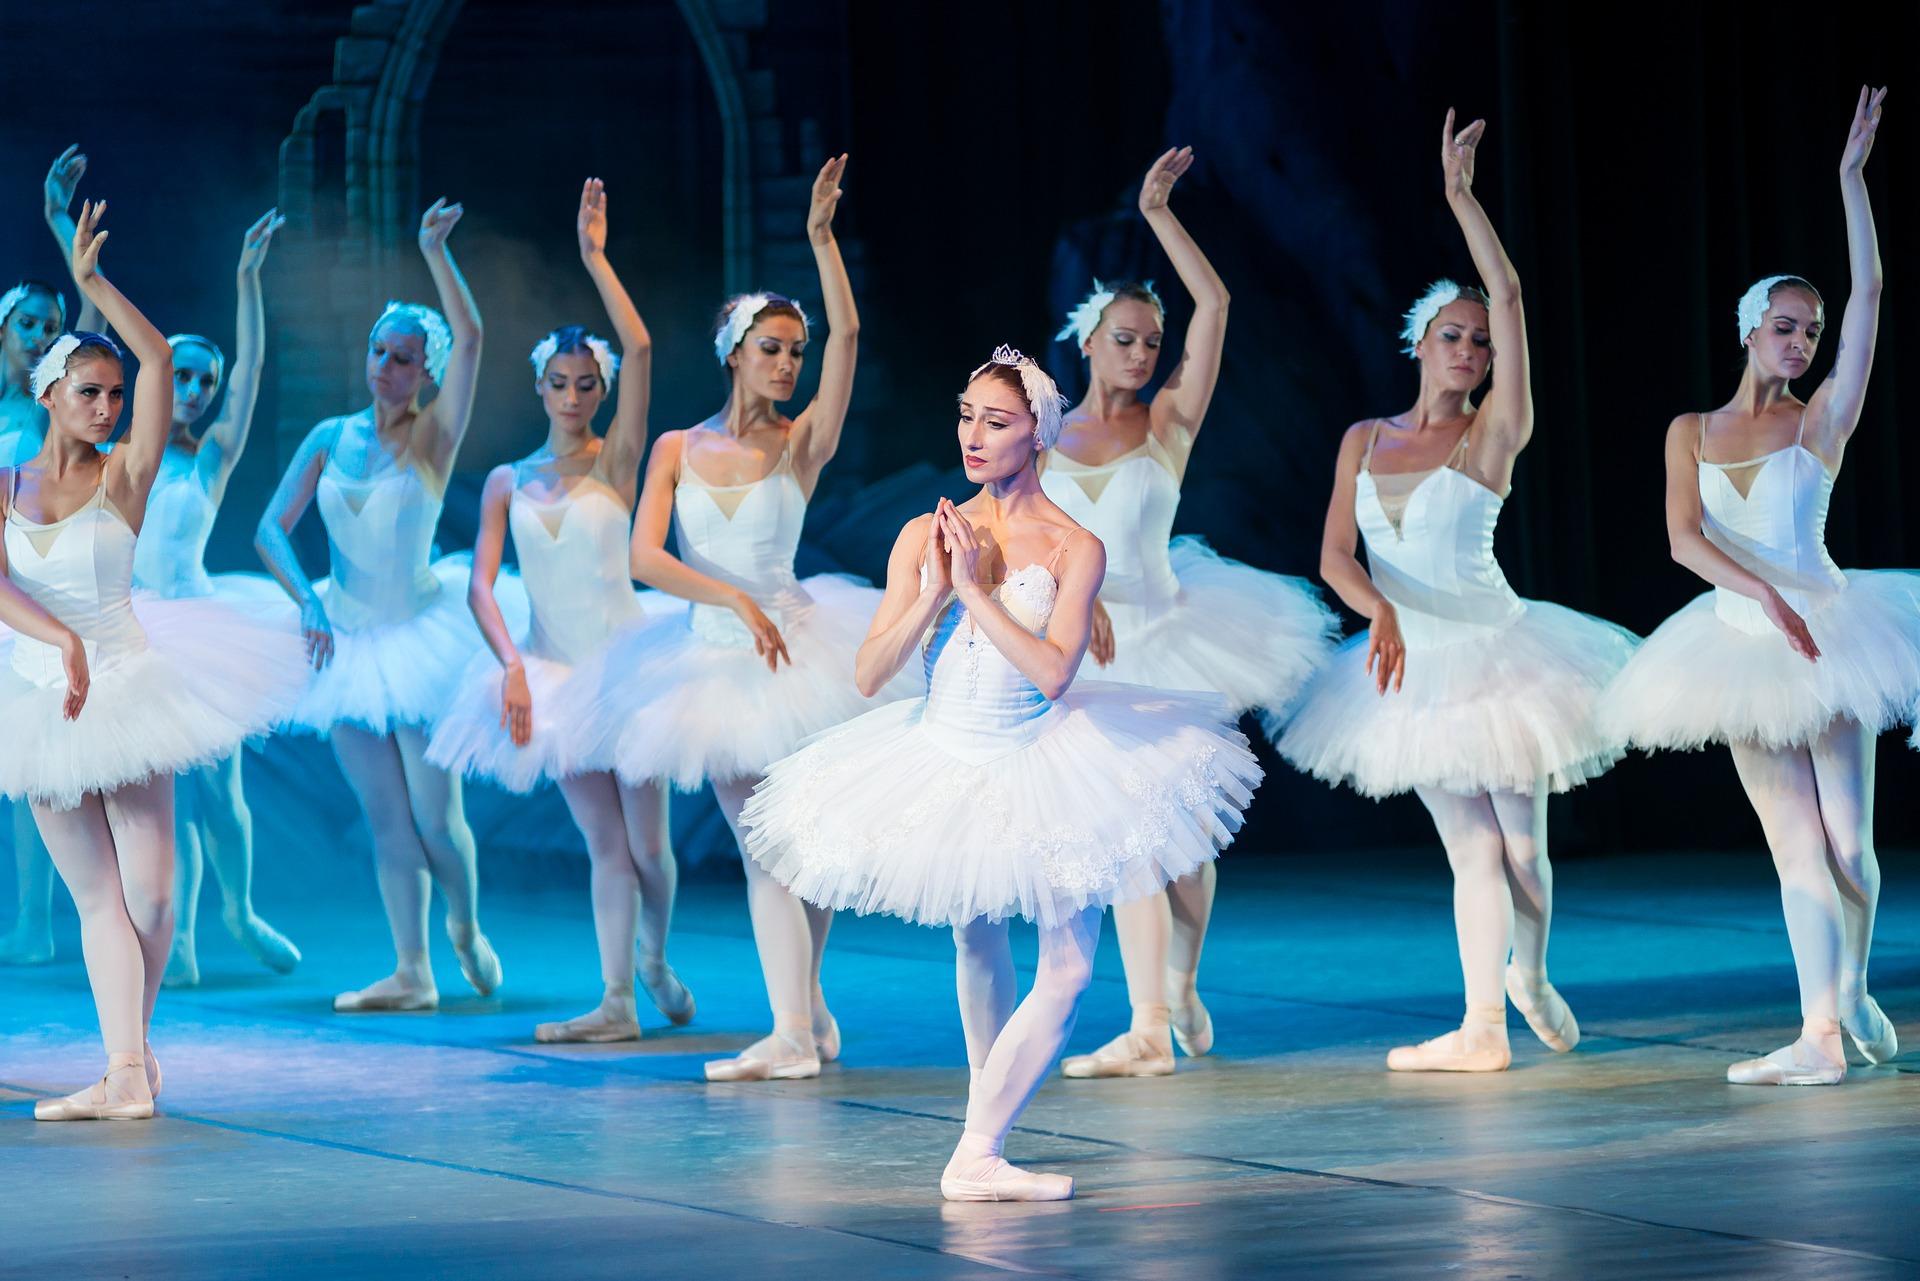 ballet-2124650_1920.jpg